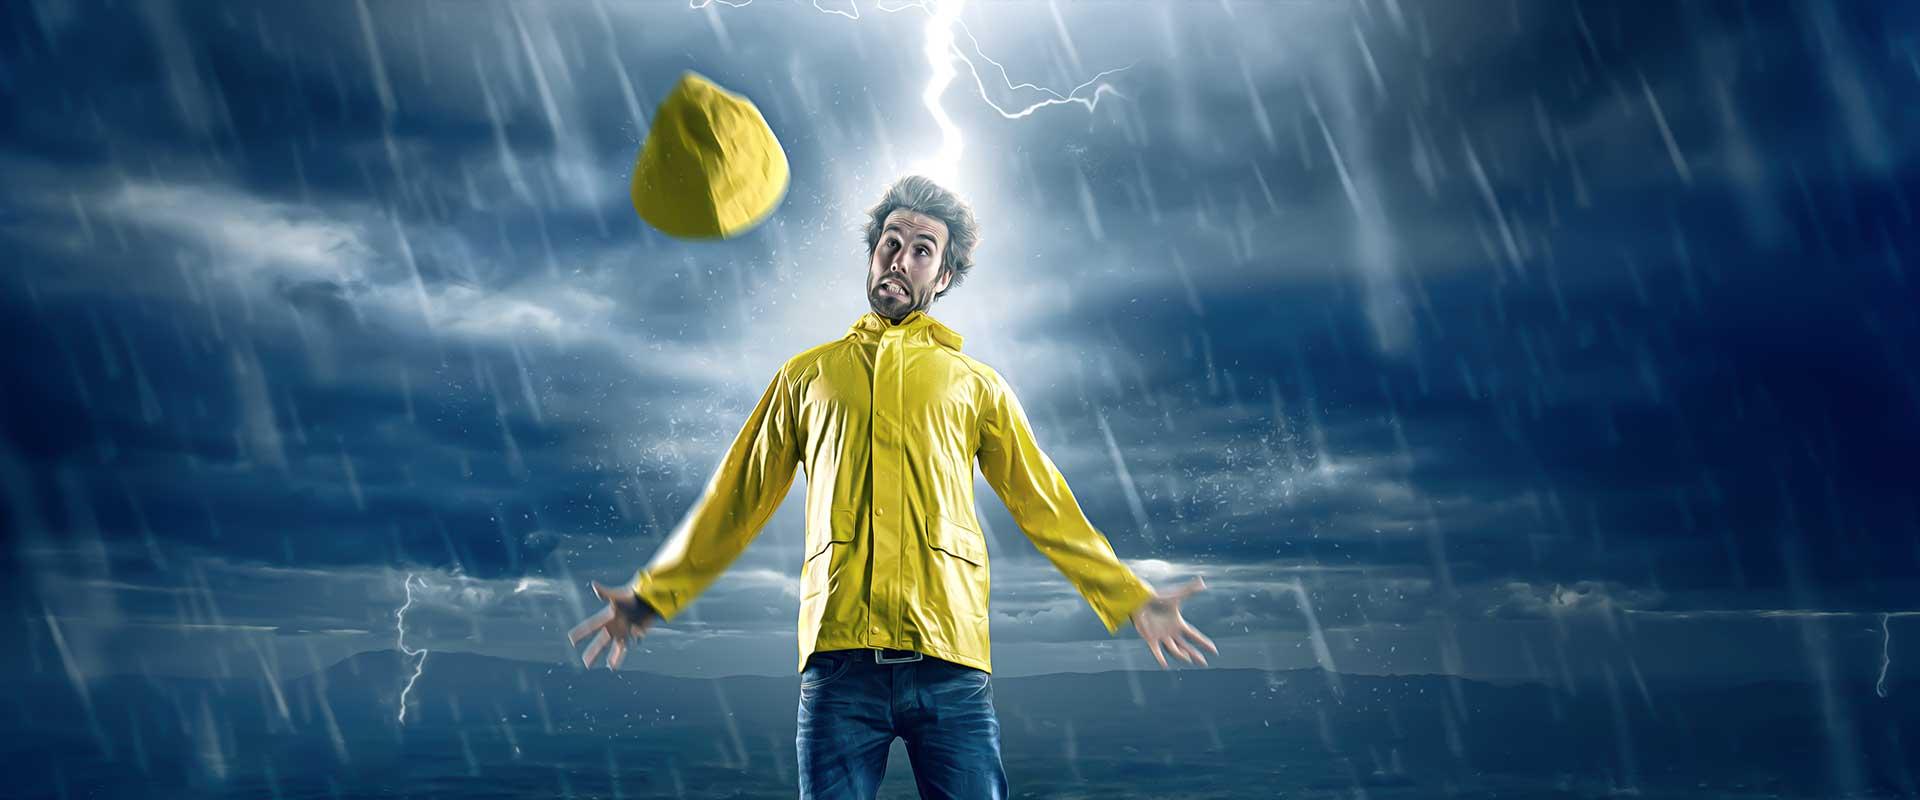 Keine Angst vor Gewitter: Blitzschnell Schutz finden